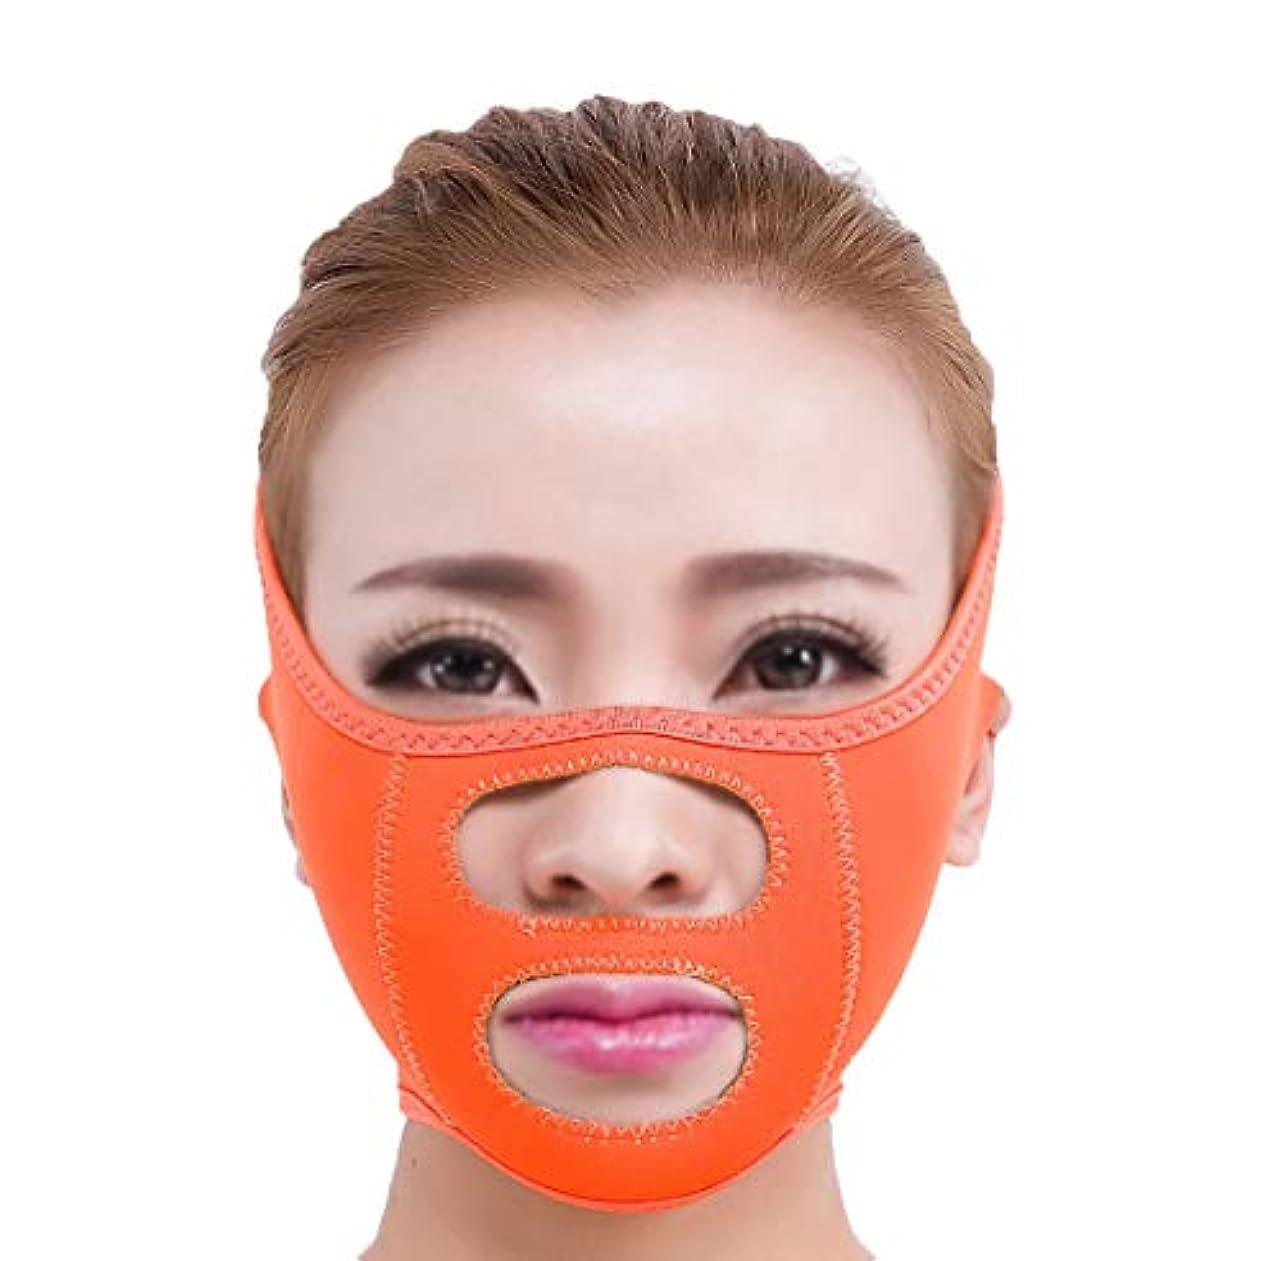 変数牛肉正当化するGLJJQMY スリムベルトマスク薄い顔マスク睡眠薄い顔マスク薄い顔包帯薄い顔アーティファクト薄い顔薄い顔薄い顔小さいV顔睡眠薄い顔ベルト 顔用整形マスク (Color : Blue)